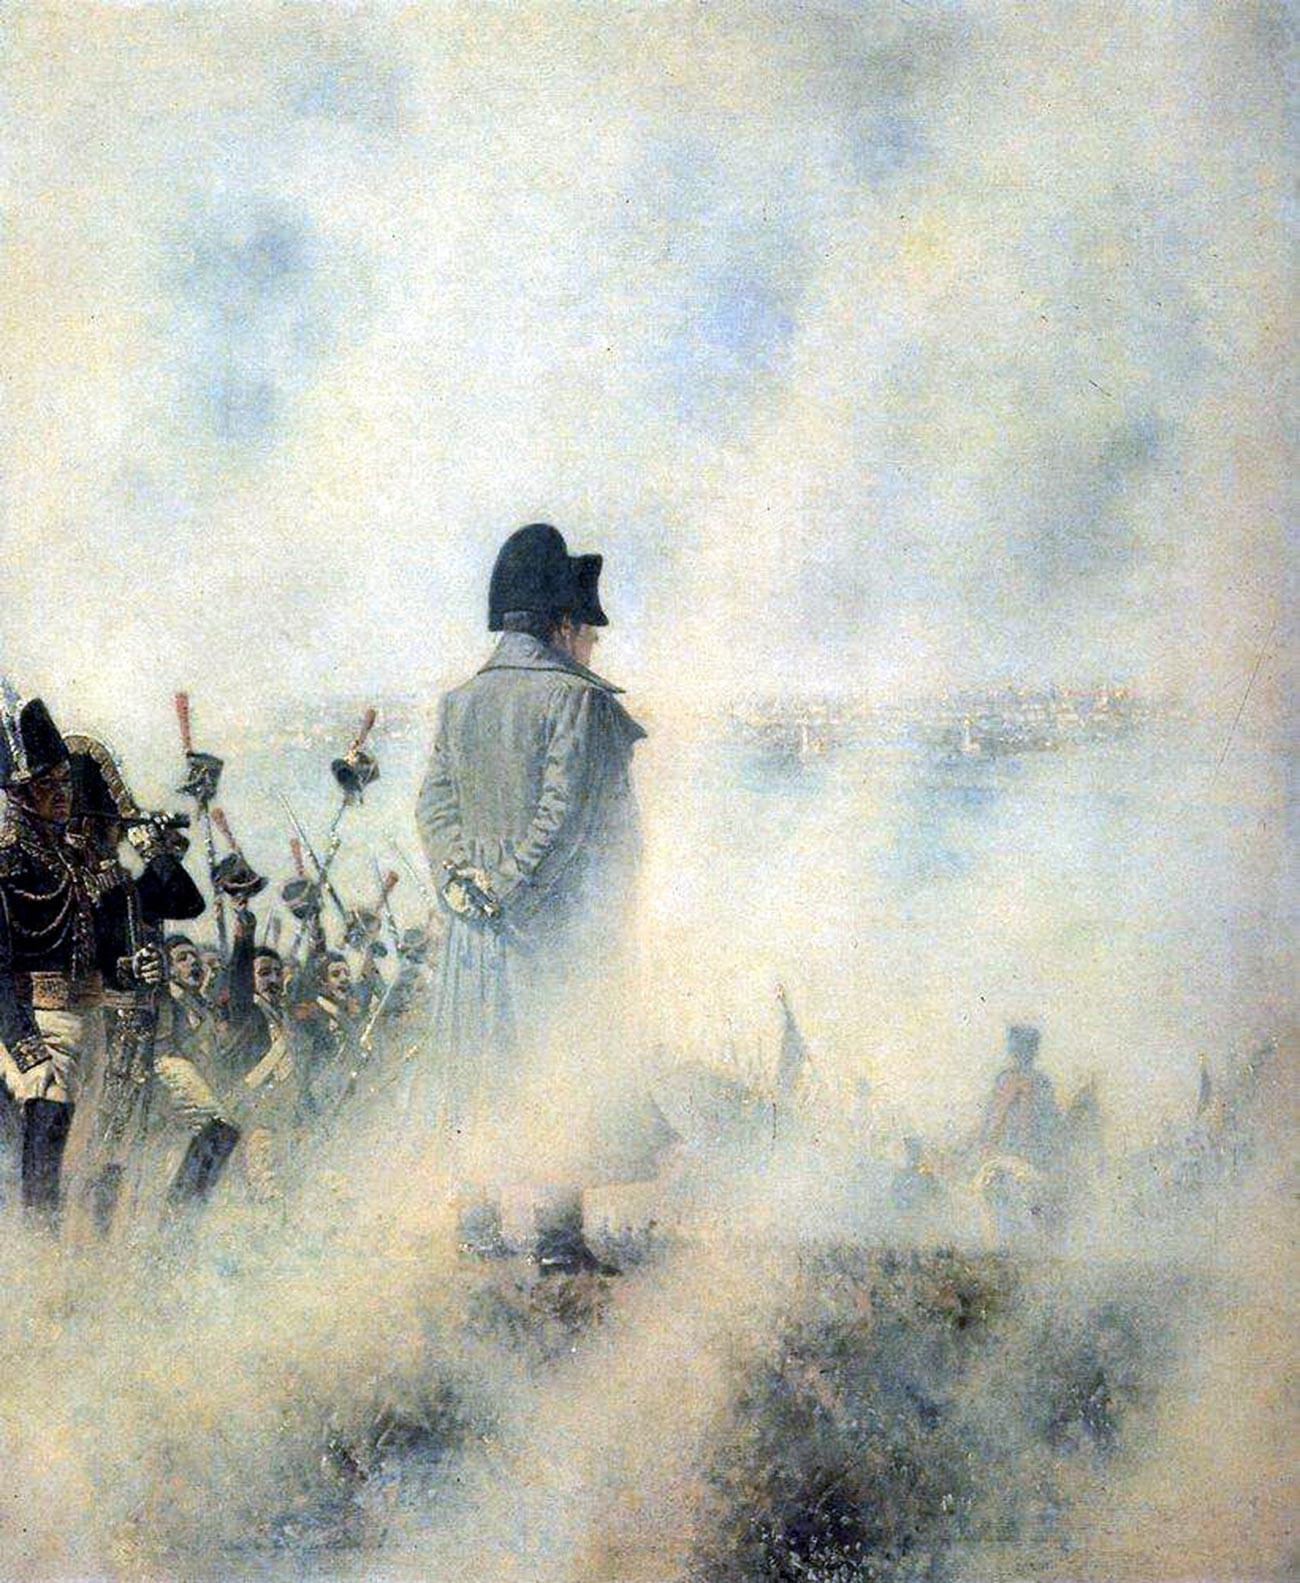 """""""Cerca de Moscú. Esperando a la delegación de los boyardos"""". De la serie de pinturas """"Napoleón en Rusia"""" de Vasili Vereschagin."""